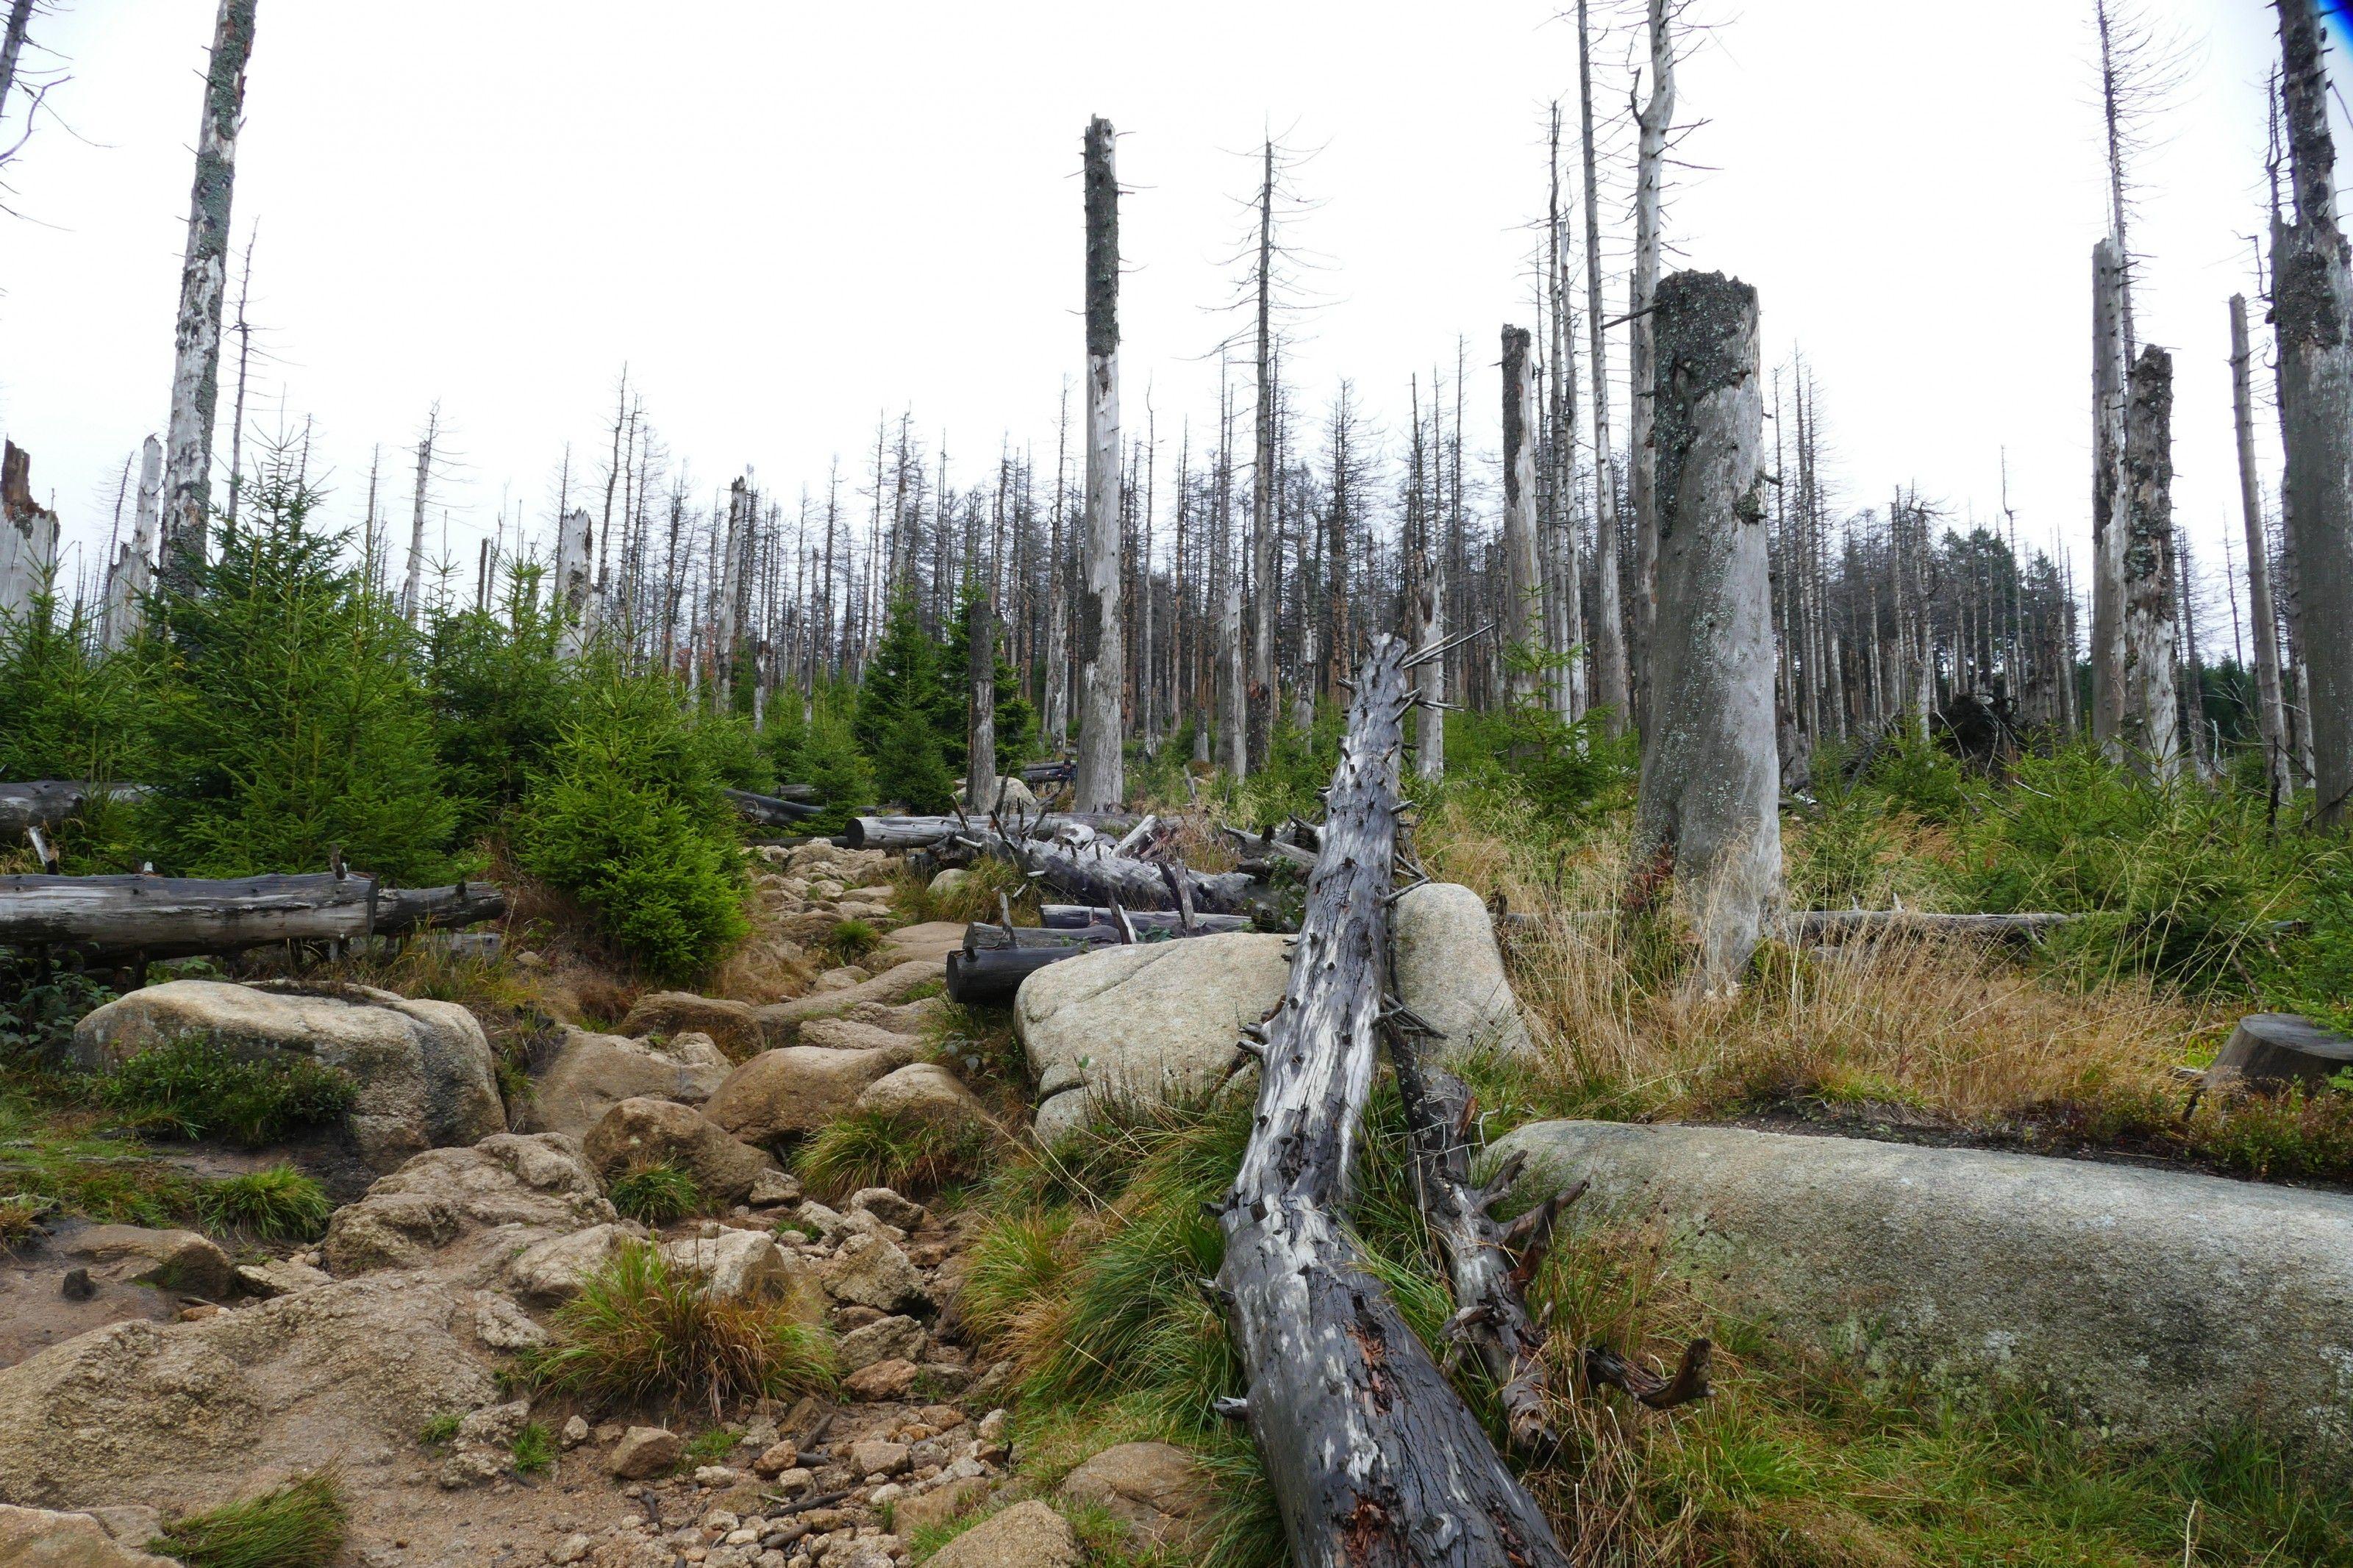 Deutschland nach der Dürre: Wie sieht der Wald der Zukunft aus? | National Geographic